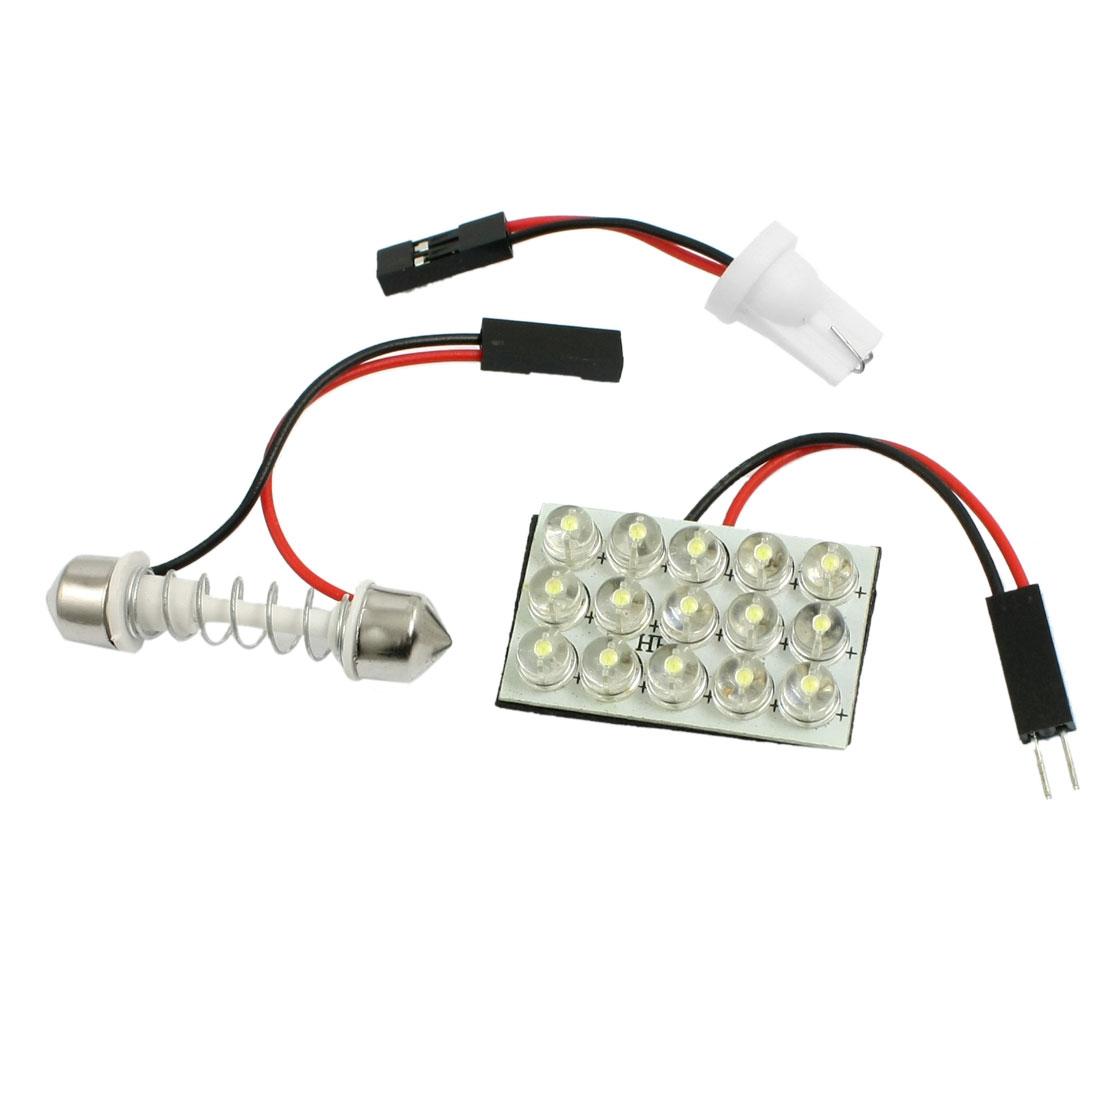 T10 Adapter + 29-41mm Festoon Bulbs 15 LED White Car Interior Dome Light